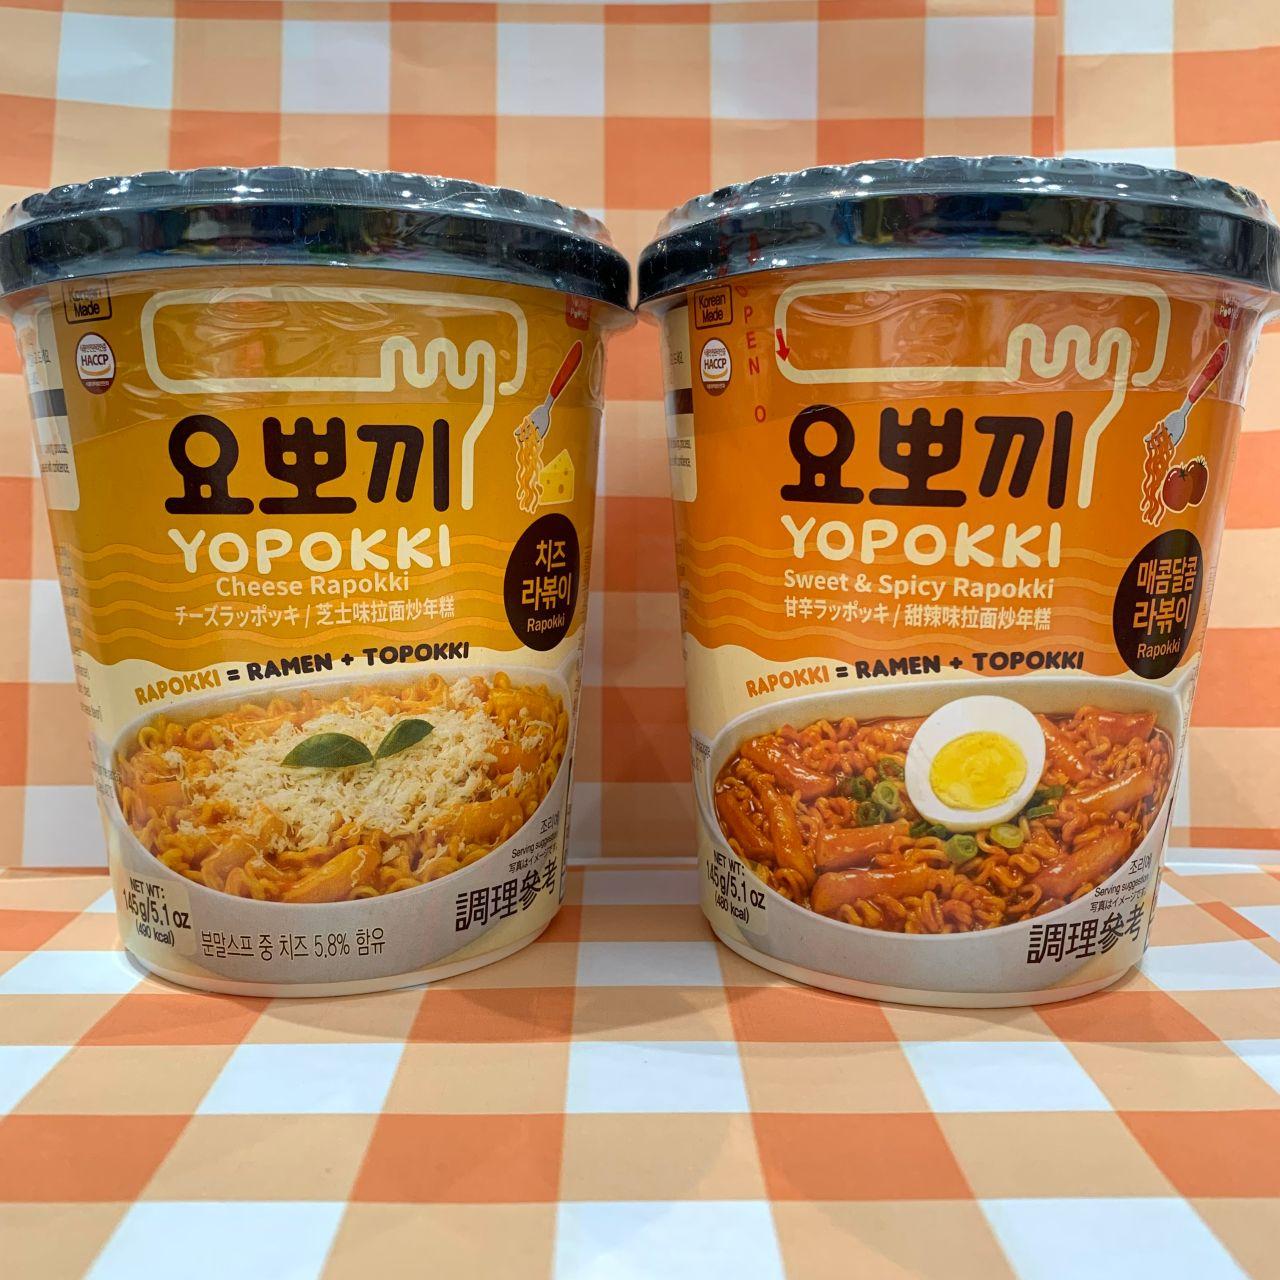 「○話題の進化系韓国食品ラッポッキ入荷!○」の写真